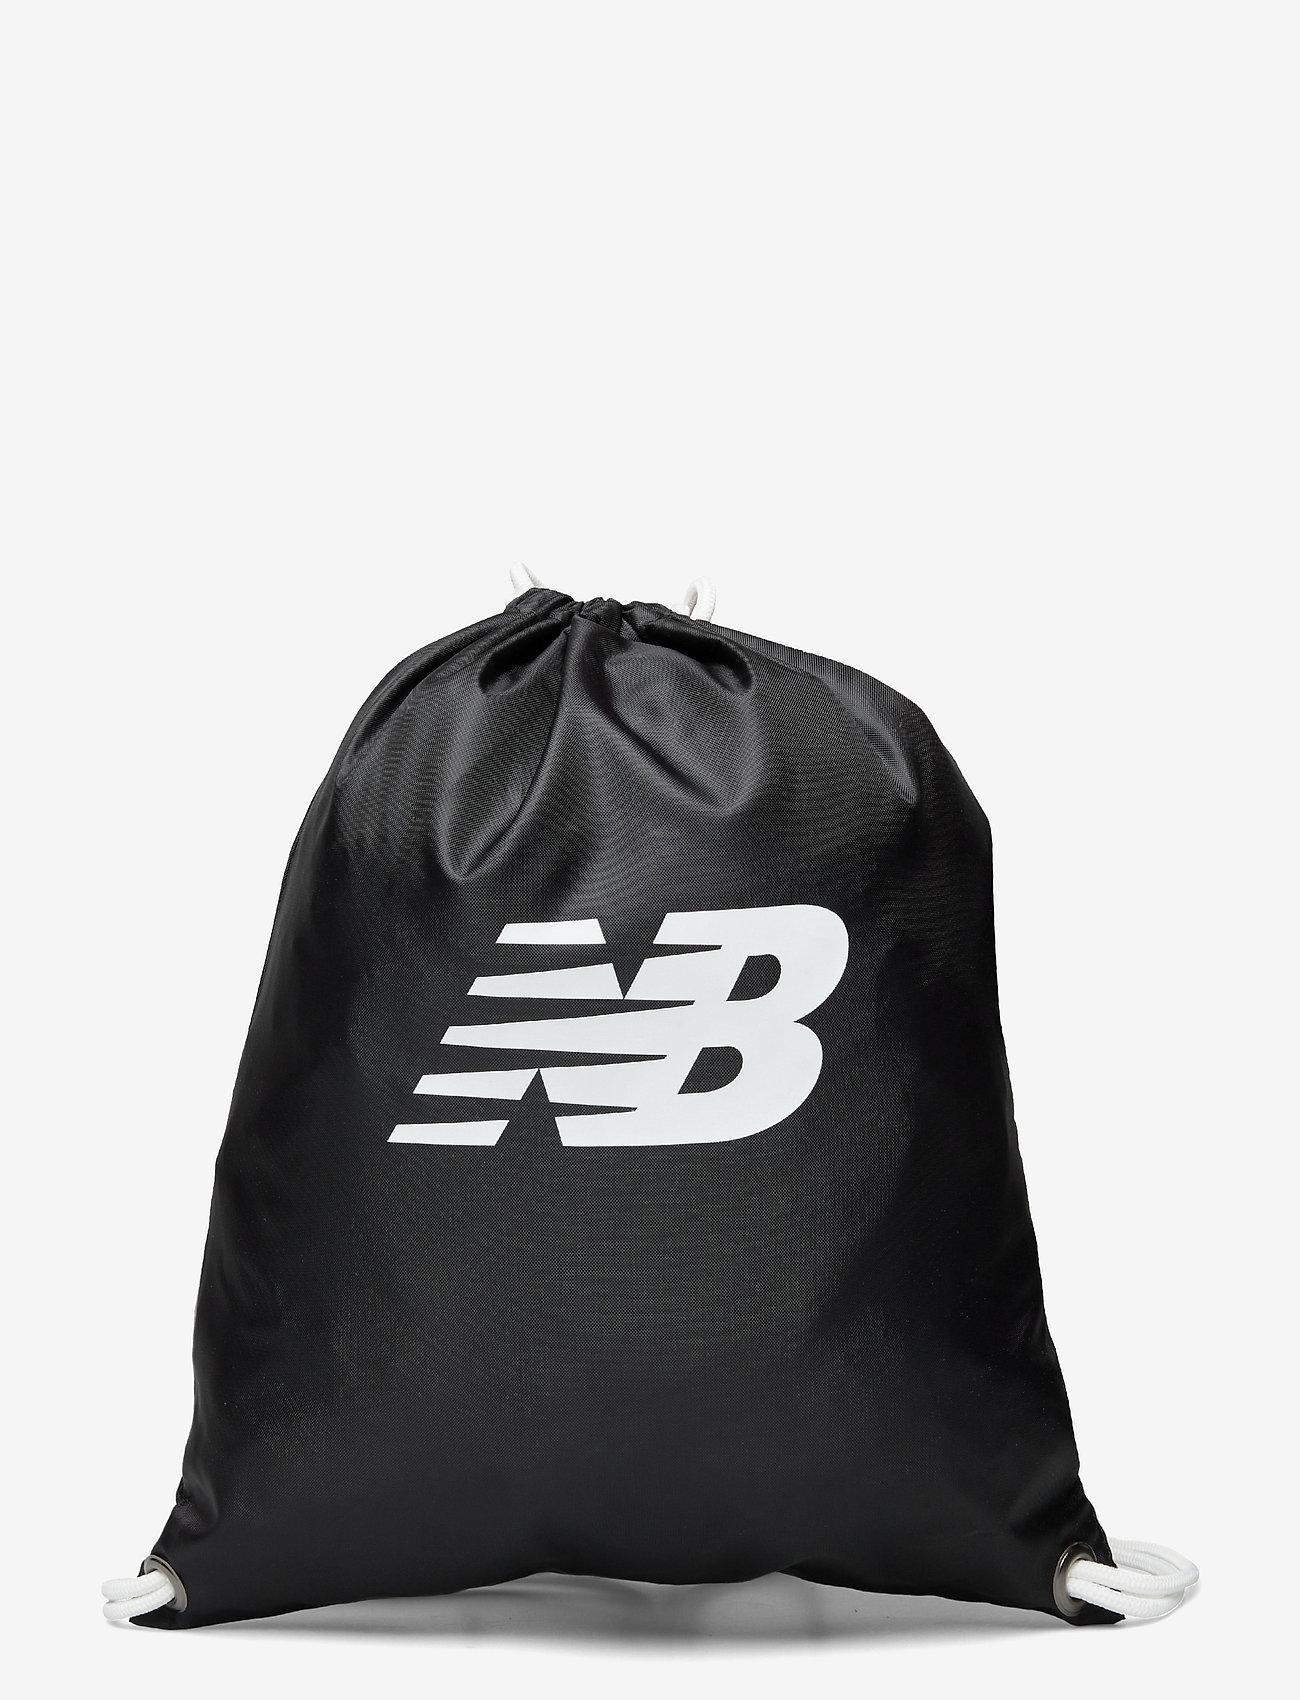 New Balance - CORE CINCH SACK - træningstasker - black - 0